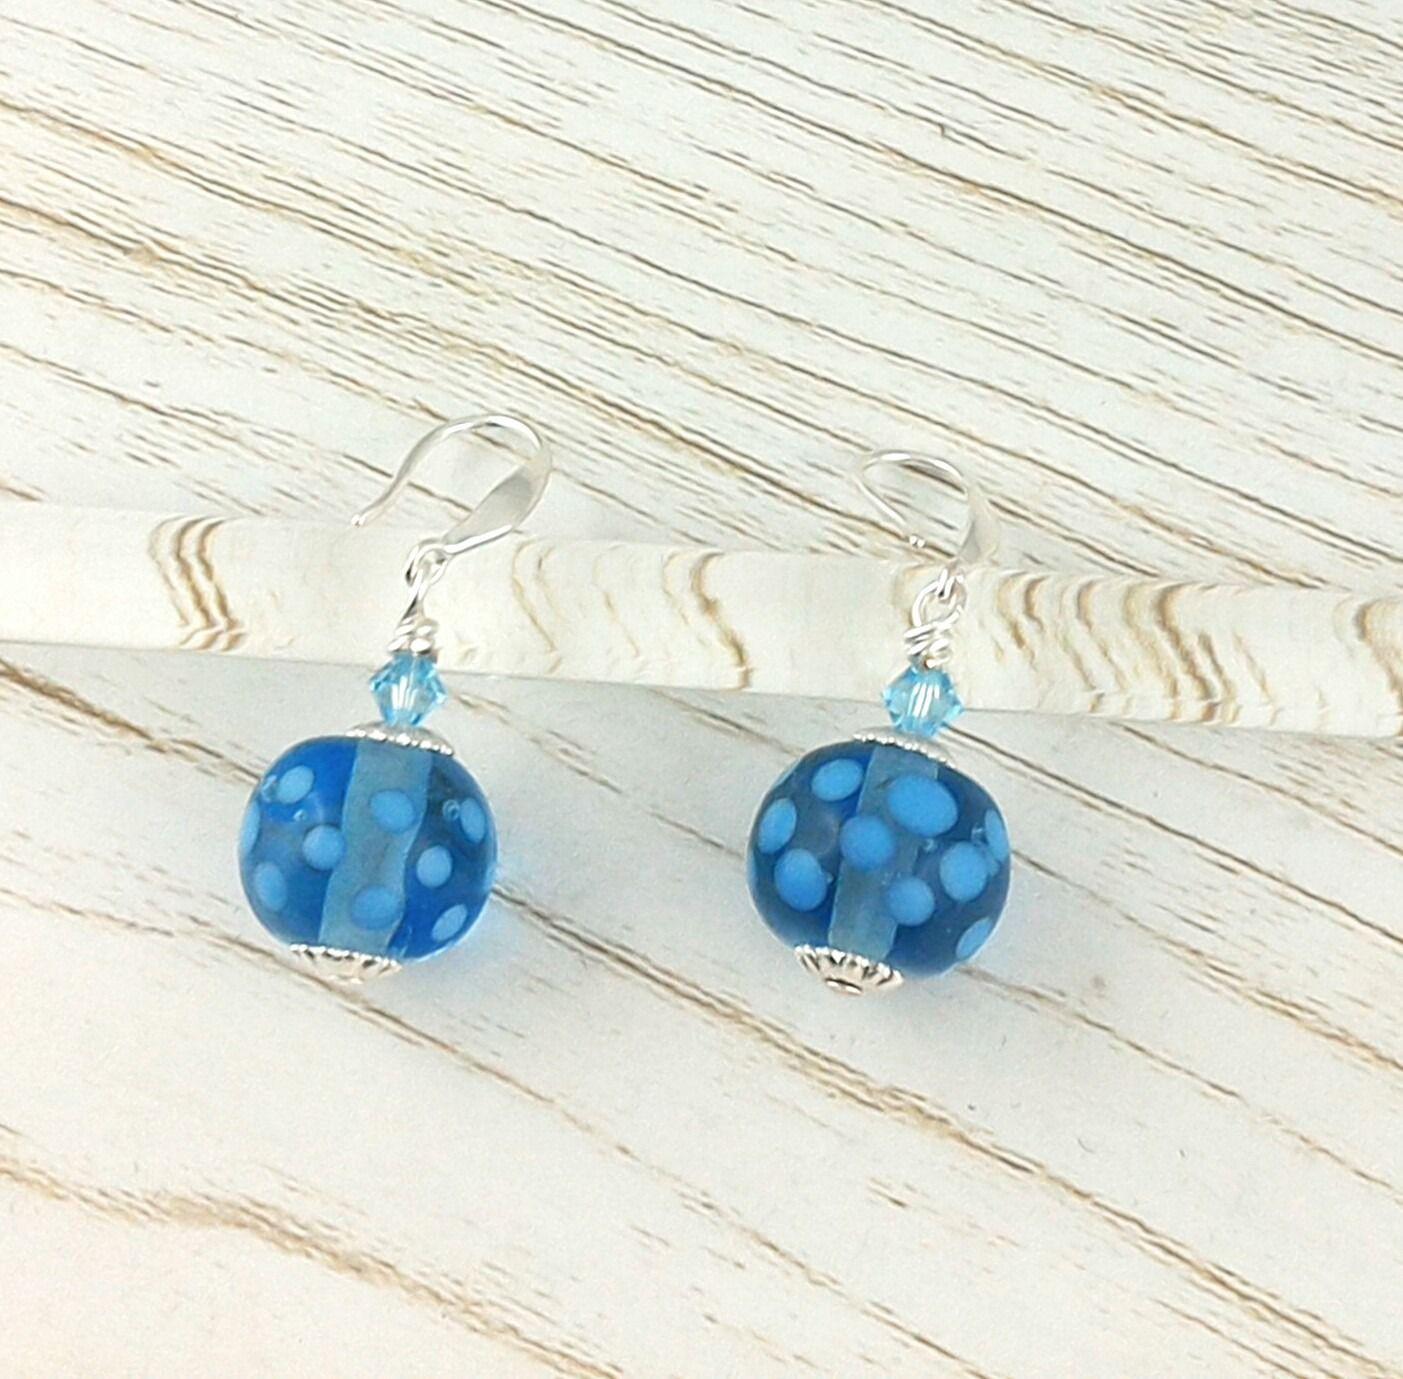 Boucles d'oreilles Argent 925 perles en verre de Murano filé au chalumeau Bleu : Boucles d'oreille par auverredoz